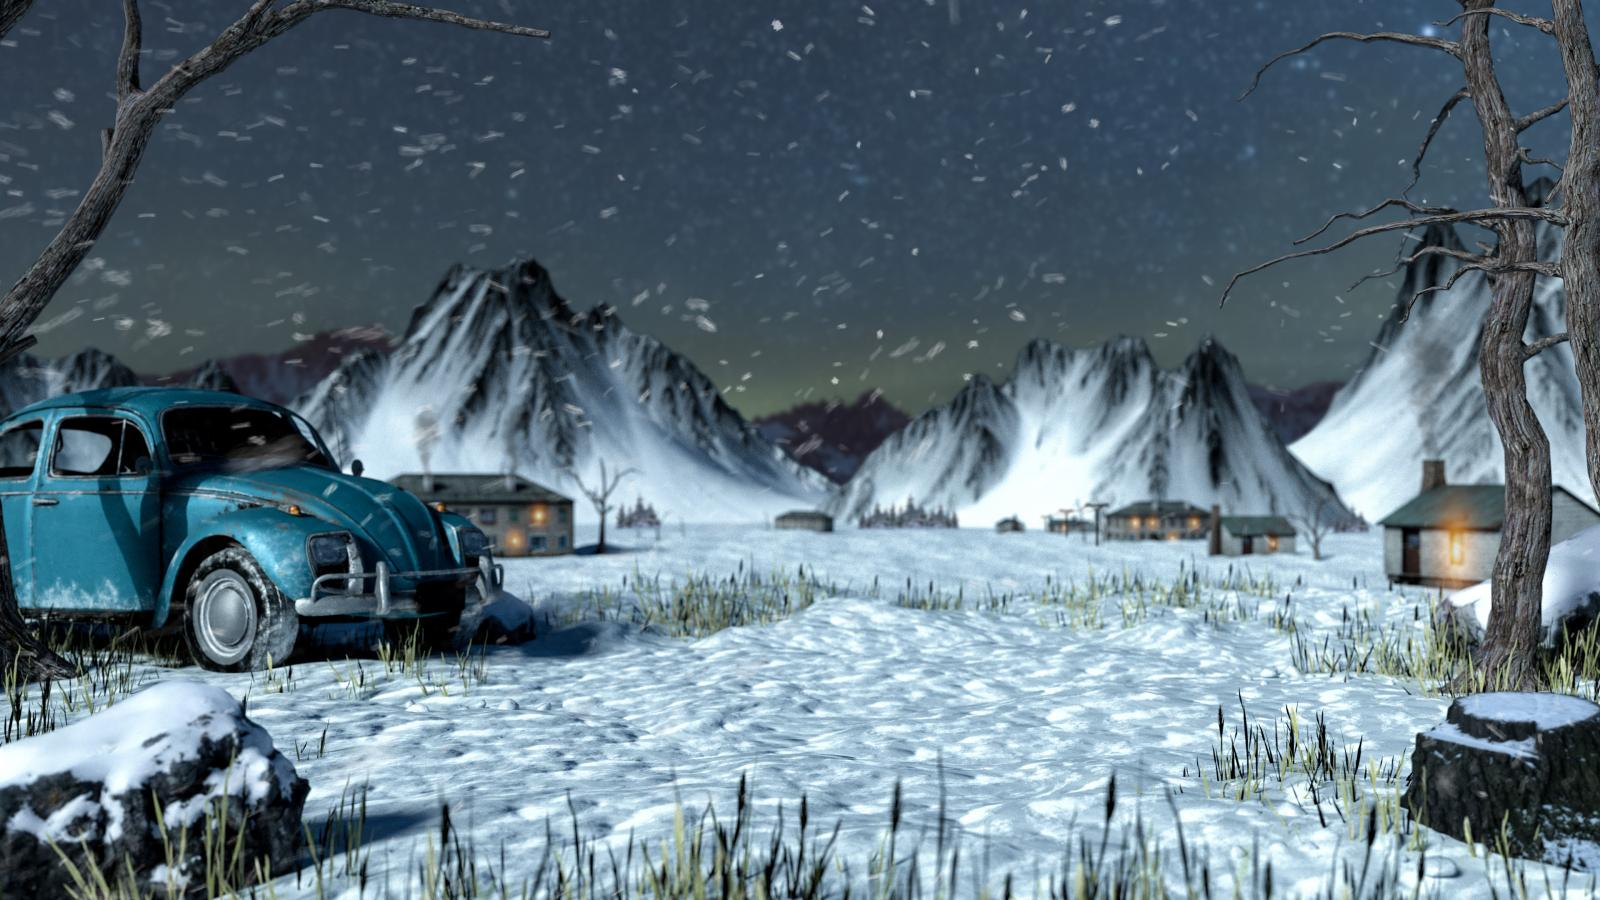 《絕地求生》高清「雪景」大廳桌布下載,福斯金龜車意外曝光 🚗